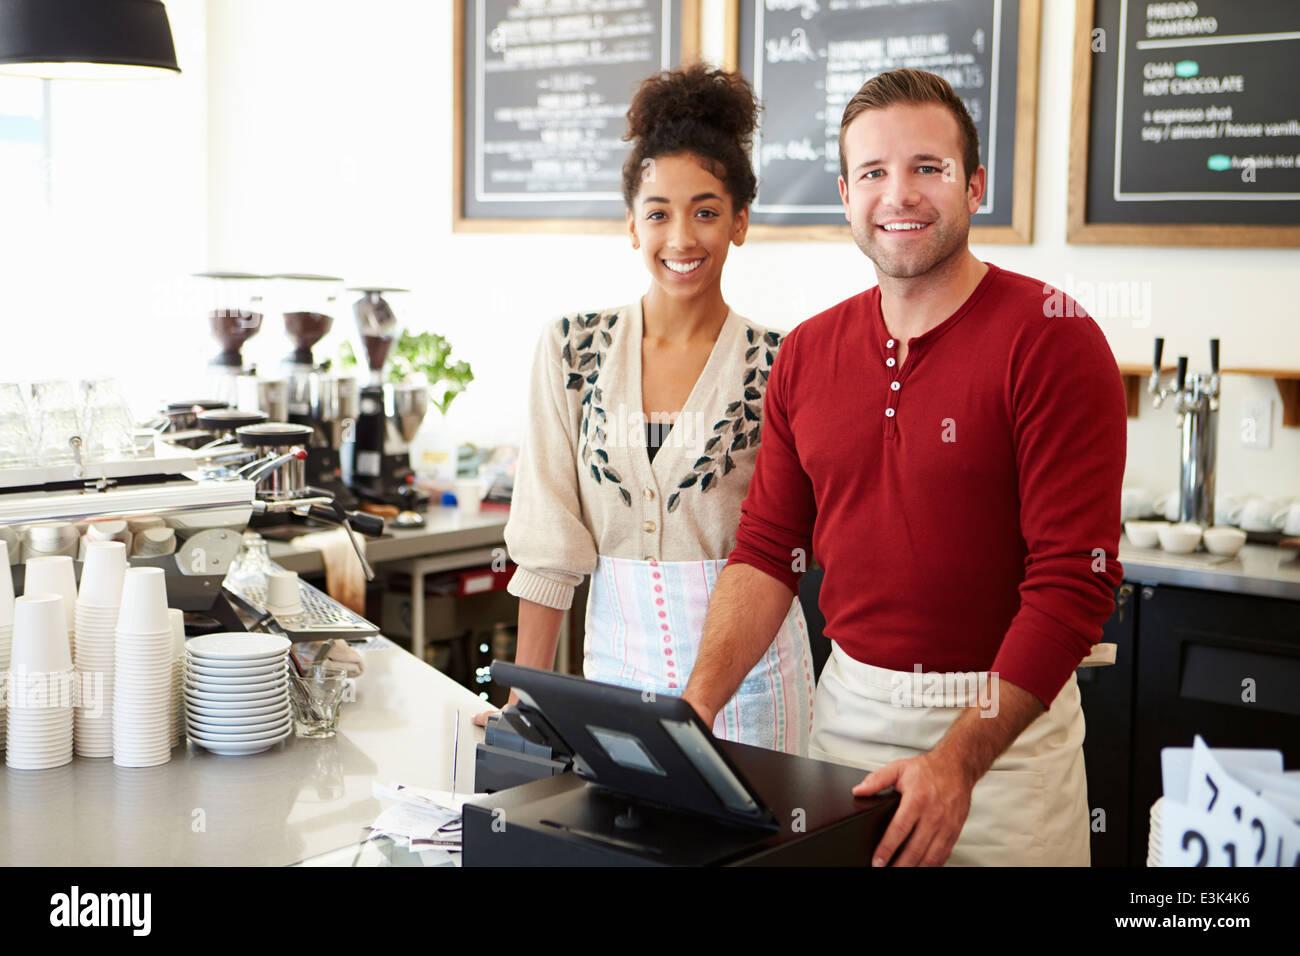 Le personnel masculin et féminin dans la région de Coffee Shop Photo Stock